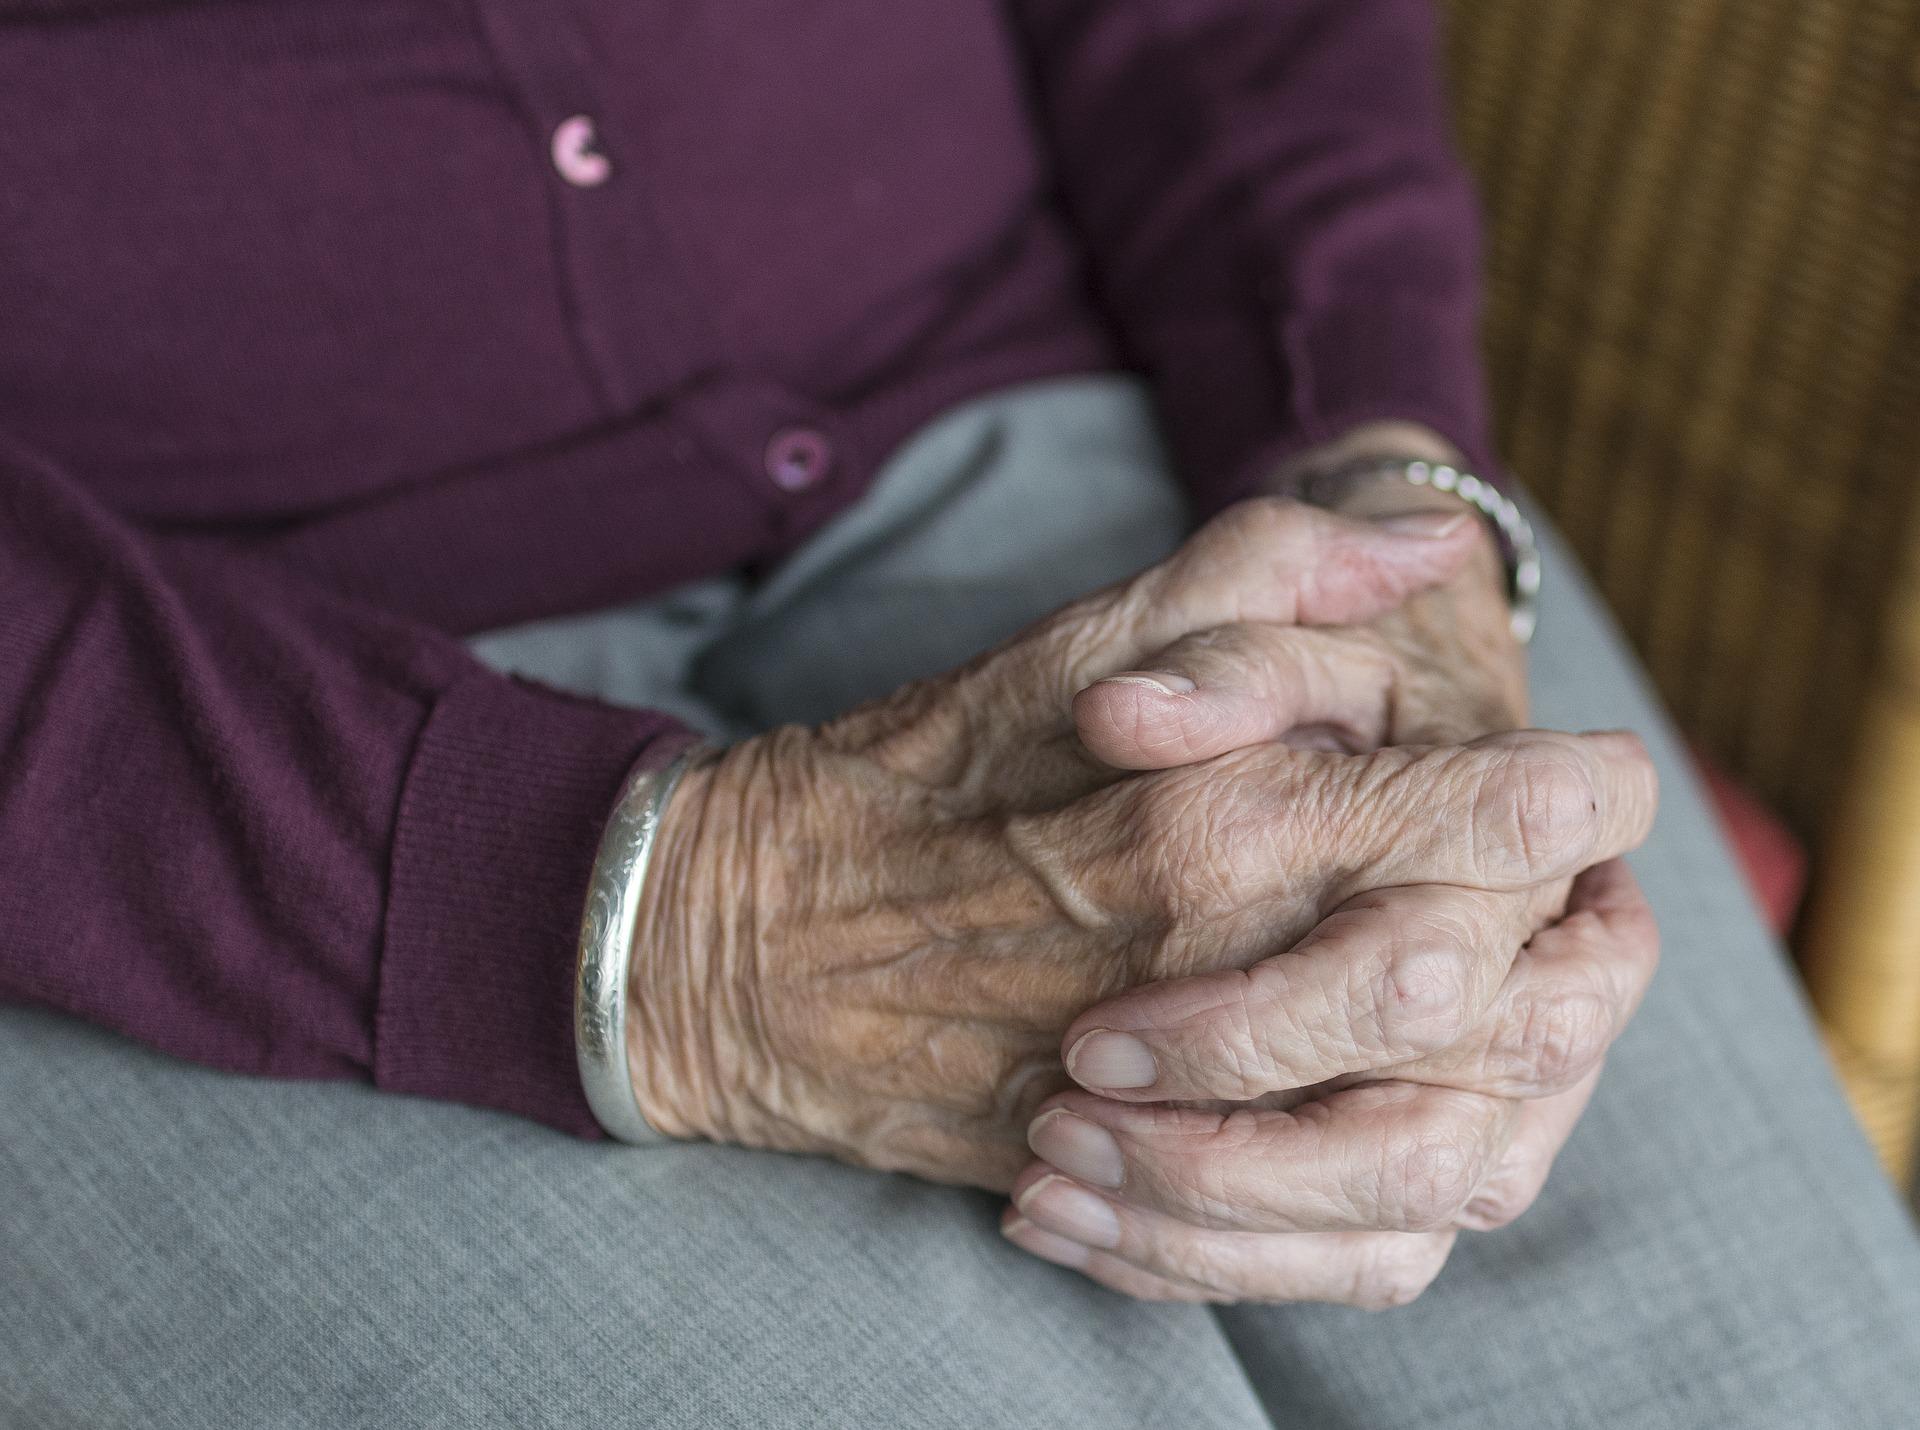 Hoe kan geheugenverlies worden voorkomen?